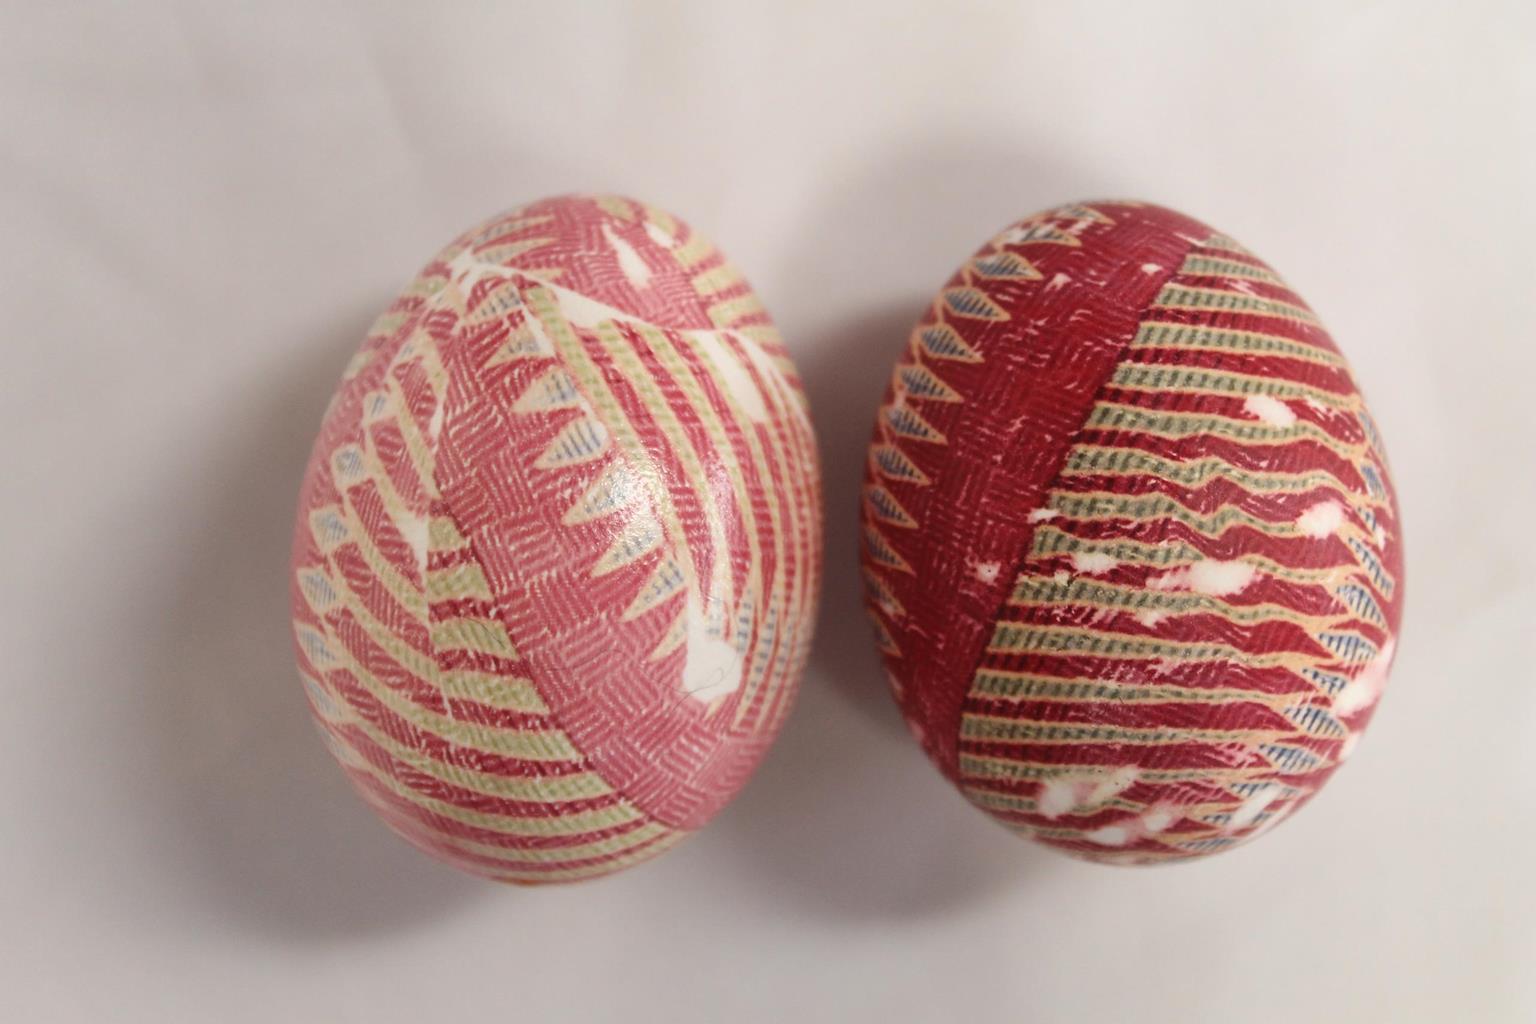 silk-eggs-prep17